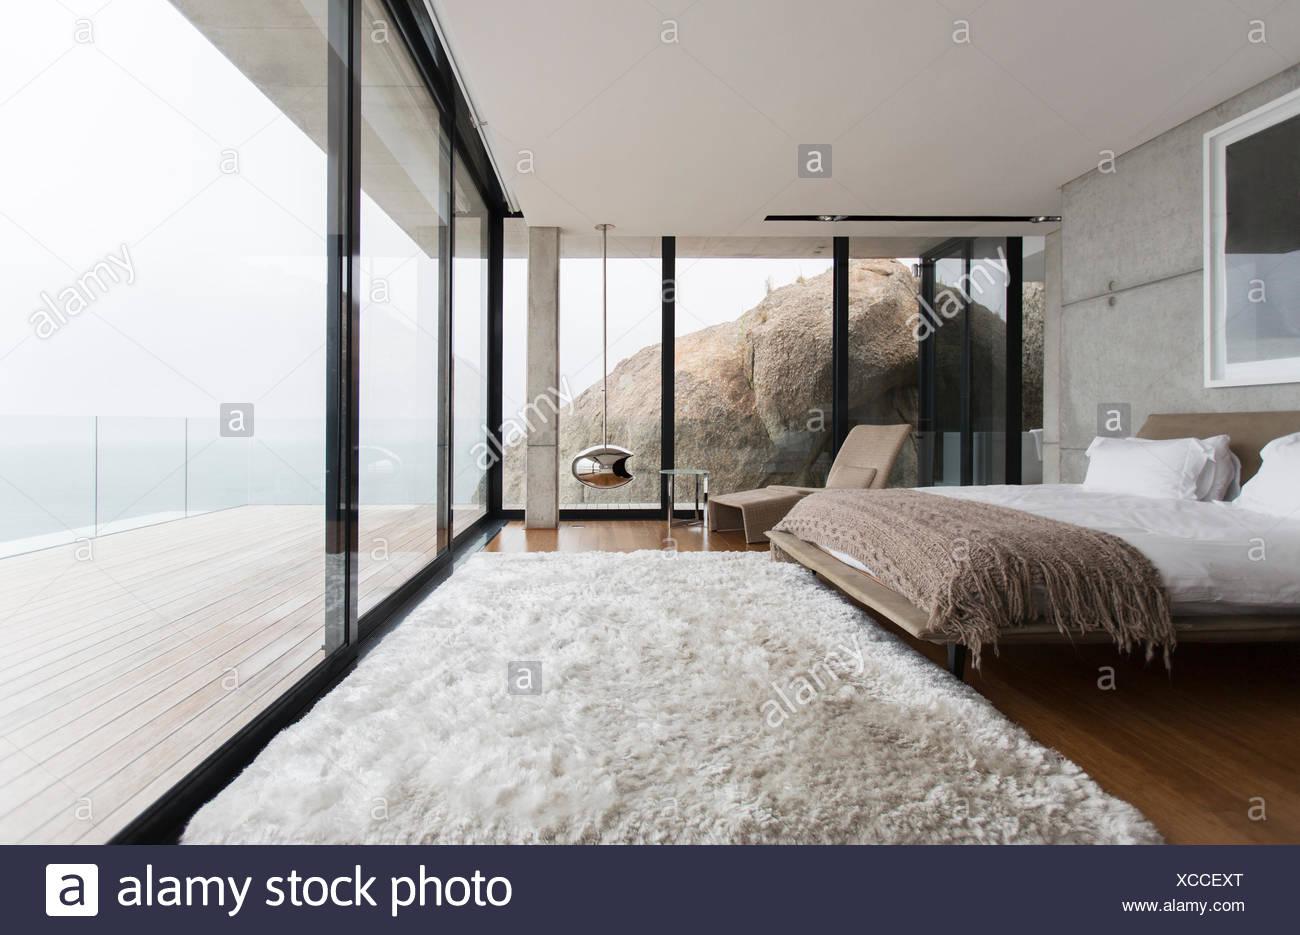 Shag rug e pareti di vetro in camera da letto moderna foto immagine stock 283016912 alamy for Pareti camera da letto moderna